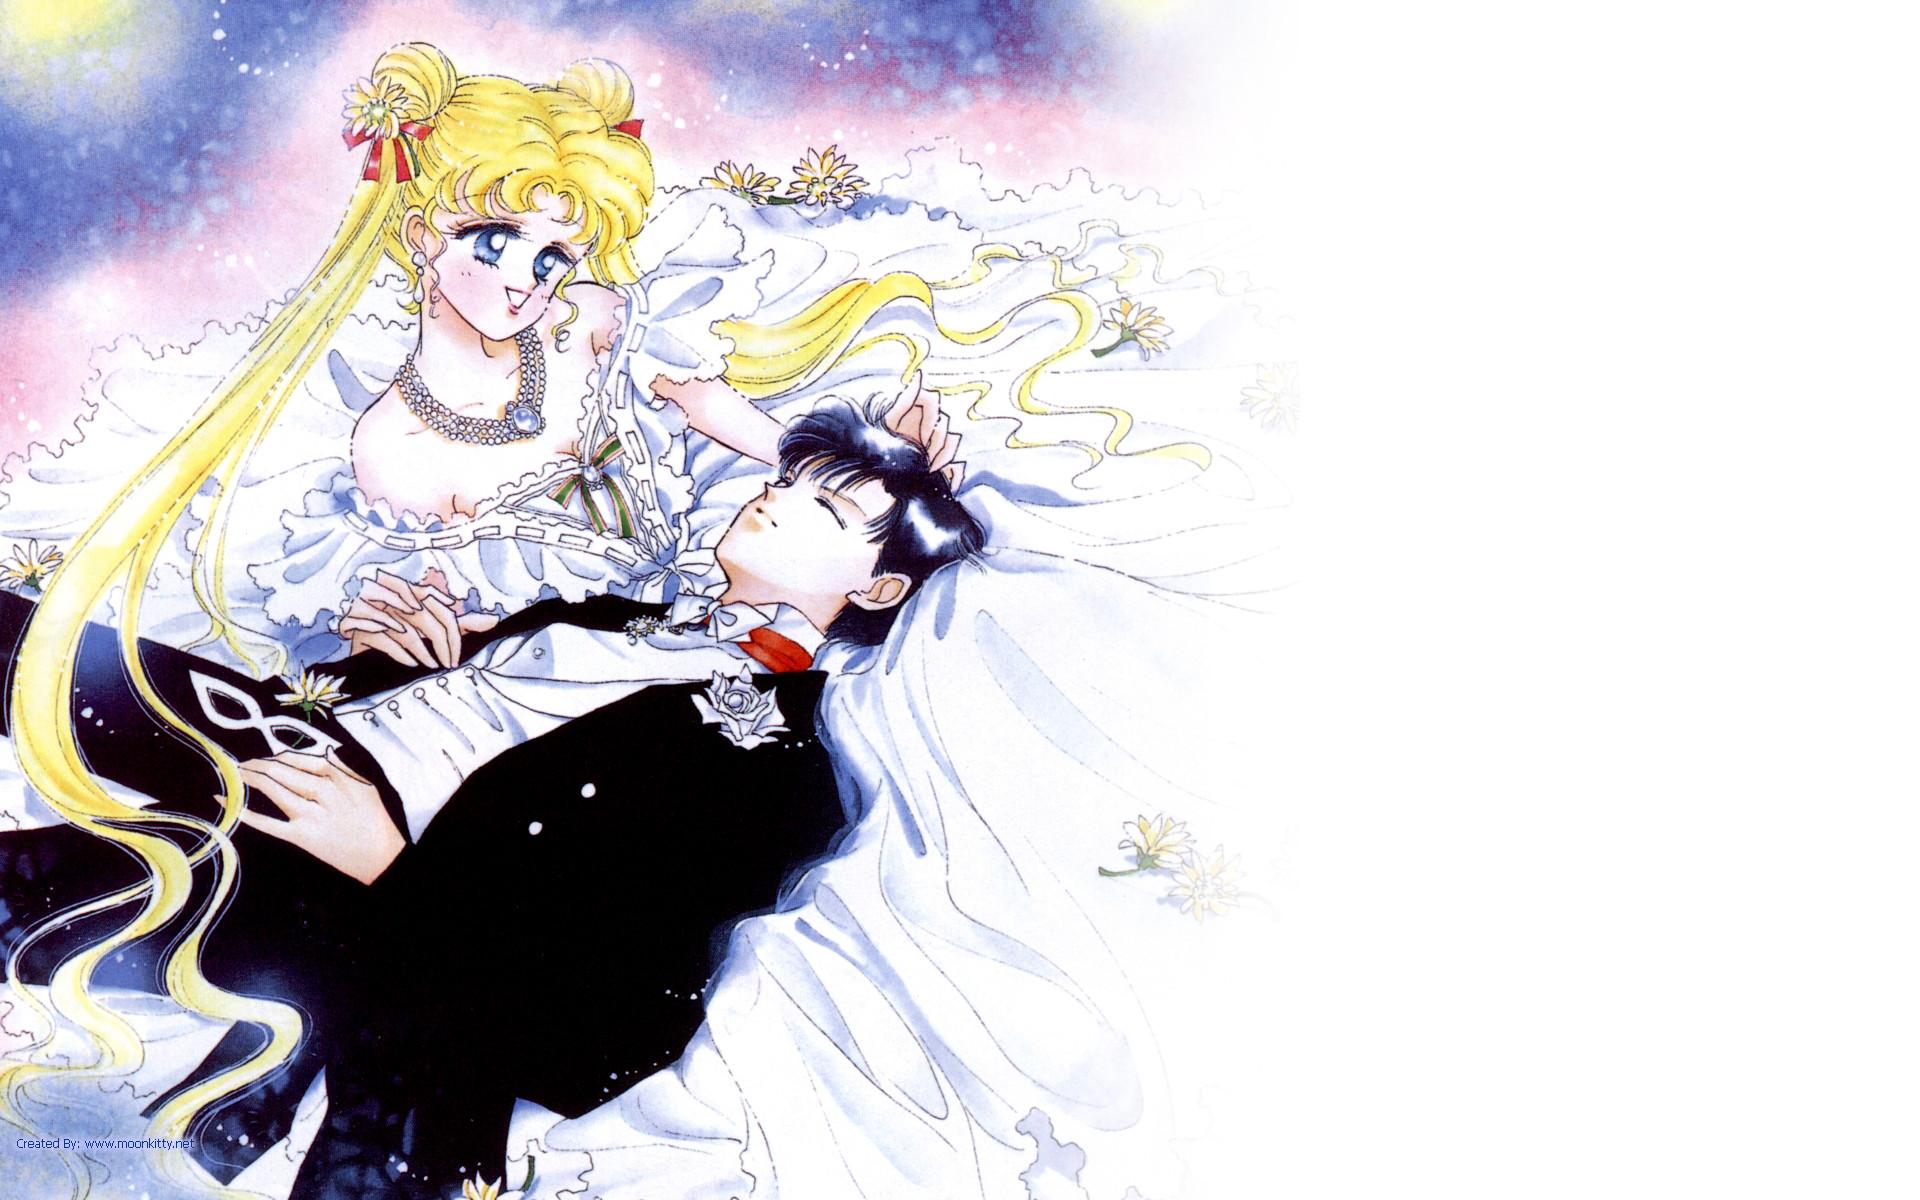 Sailor Moon Wallpaper for iPhone – WallpaperSafari